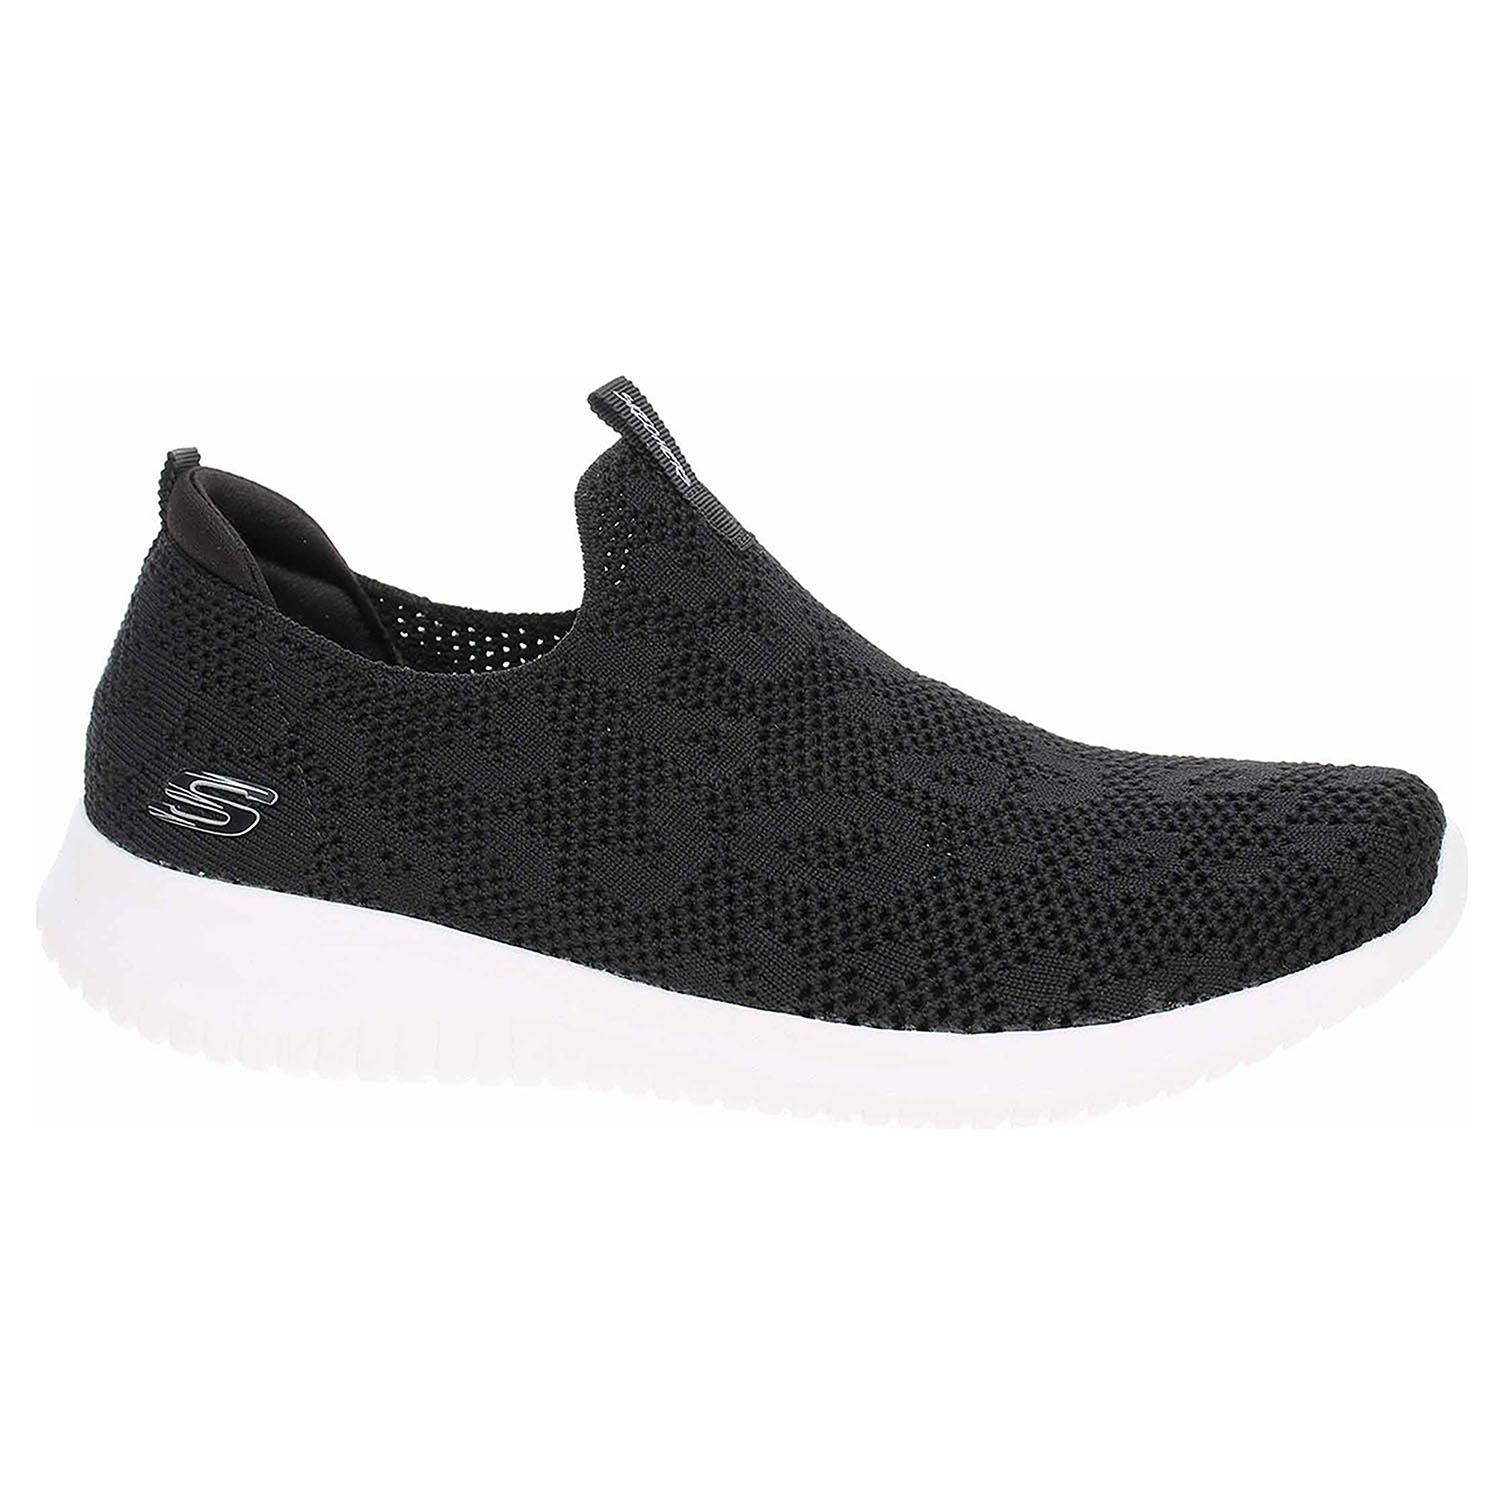 Skechers Ultra Flex - Fast Talker black-white 149009 BKW 37,5